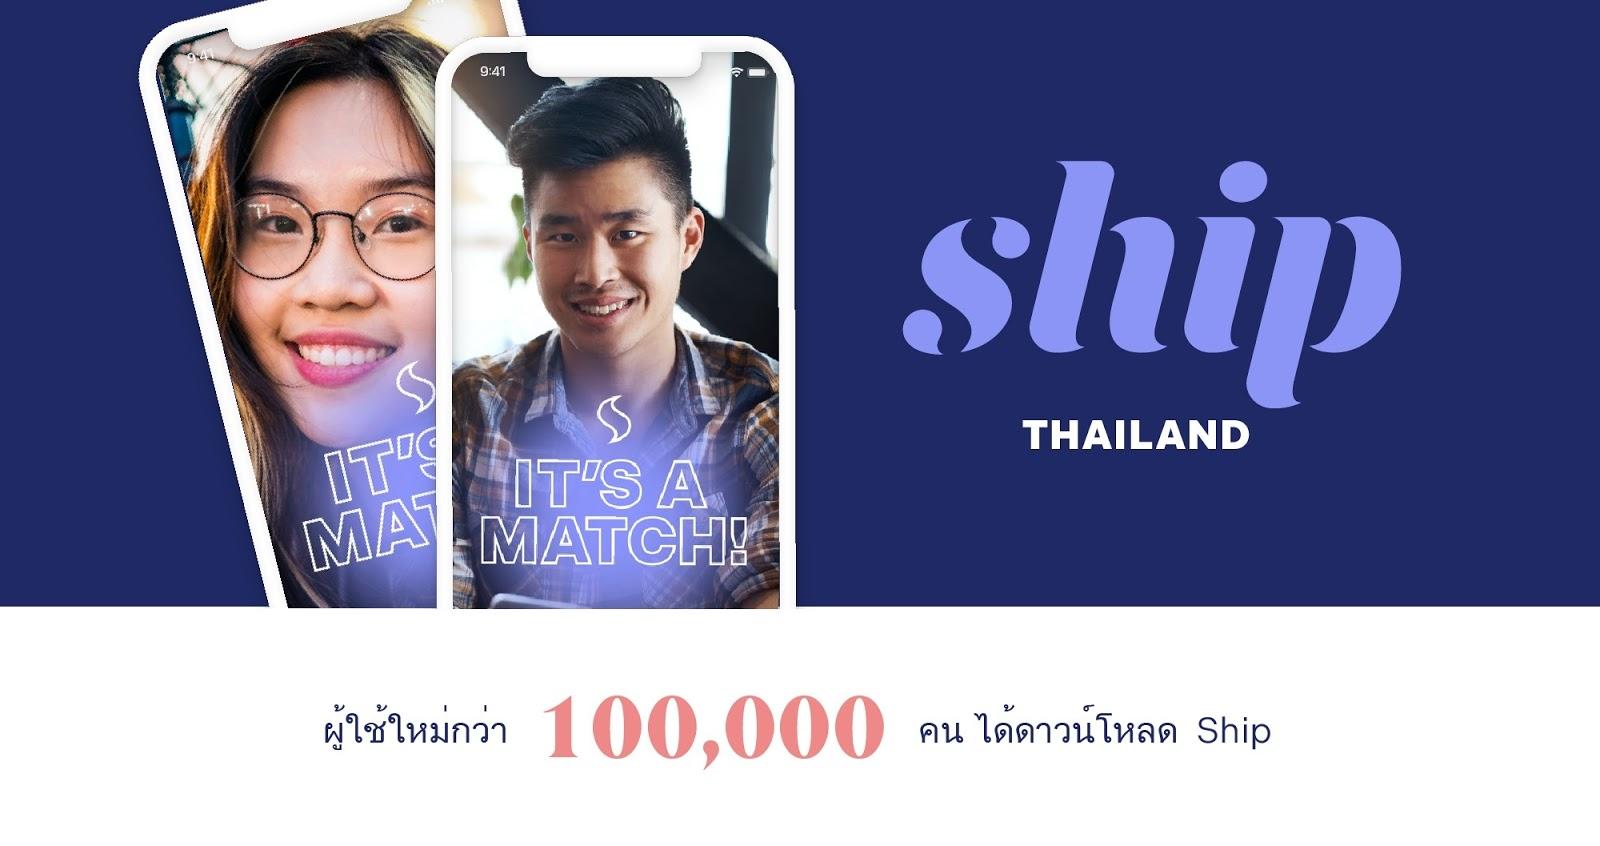 SHIP ก้าวขึ้นเป็นแอปพลิเคชันโซเชียลเดทติ้งยอดนิยมในไทยด้วยยอดดาวน์โหลดทะลุเป้าในเวลาเพียง 30 วัน